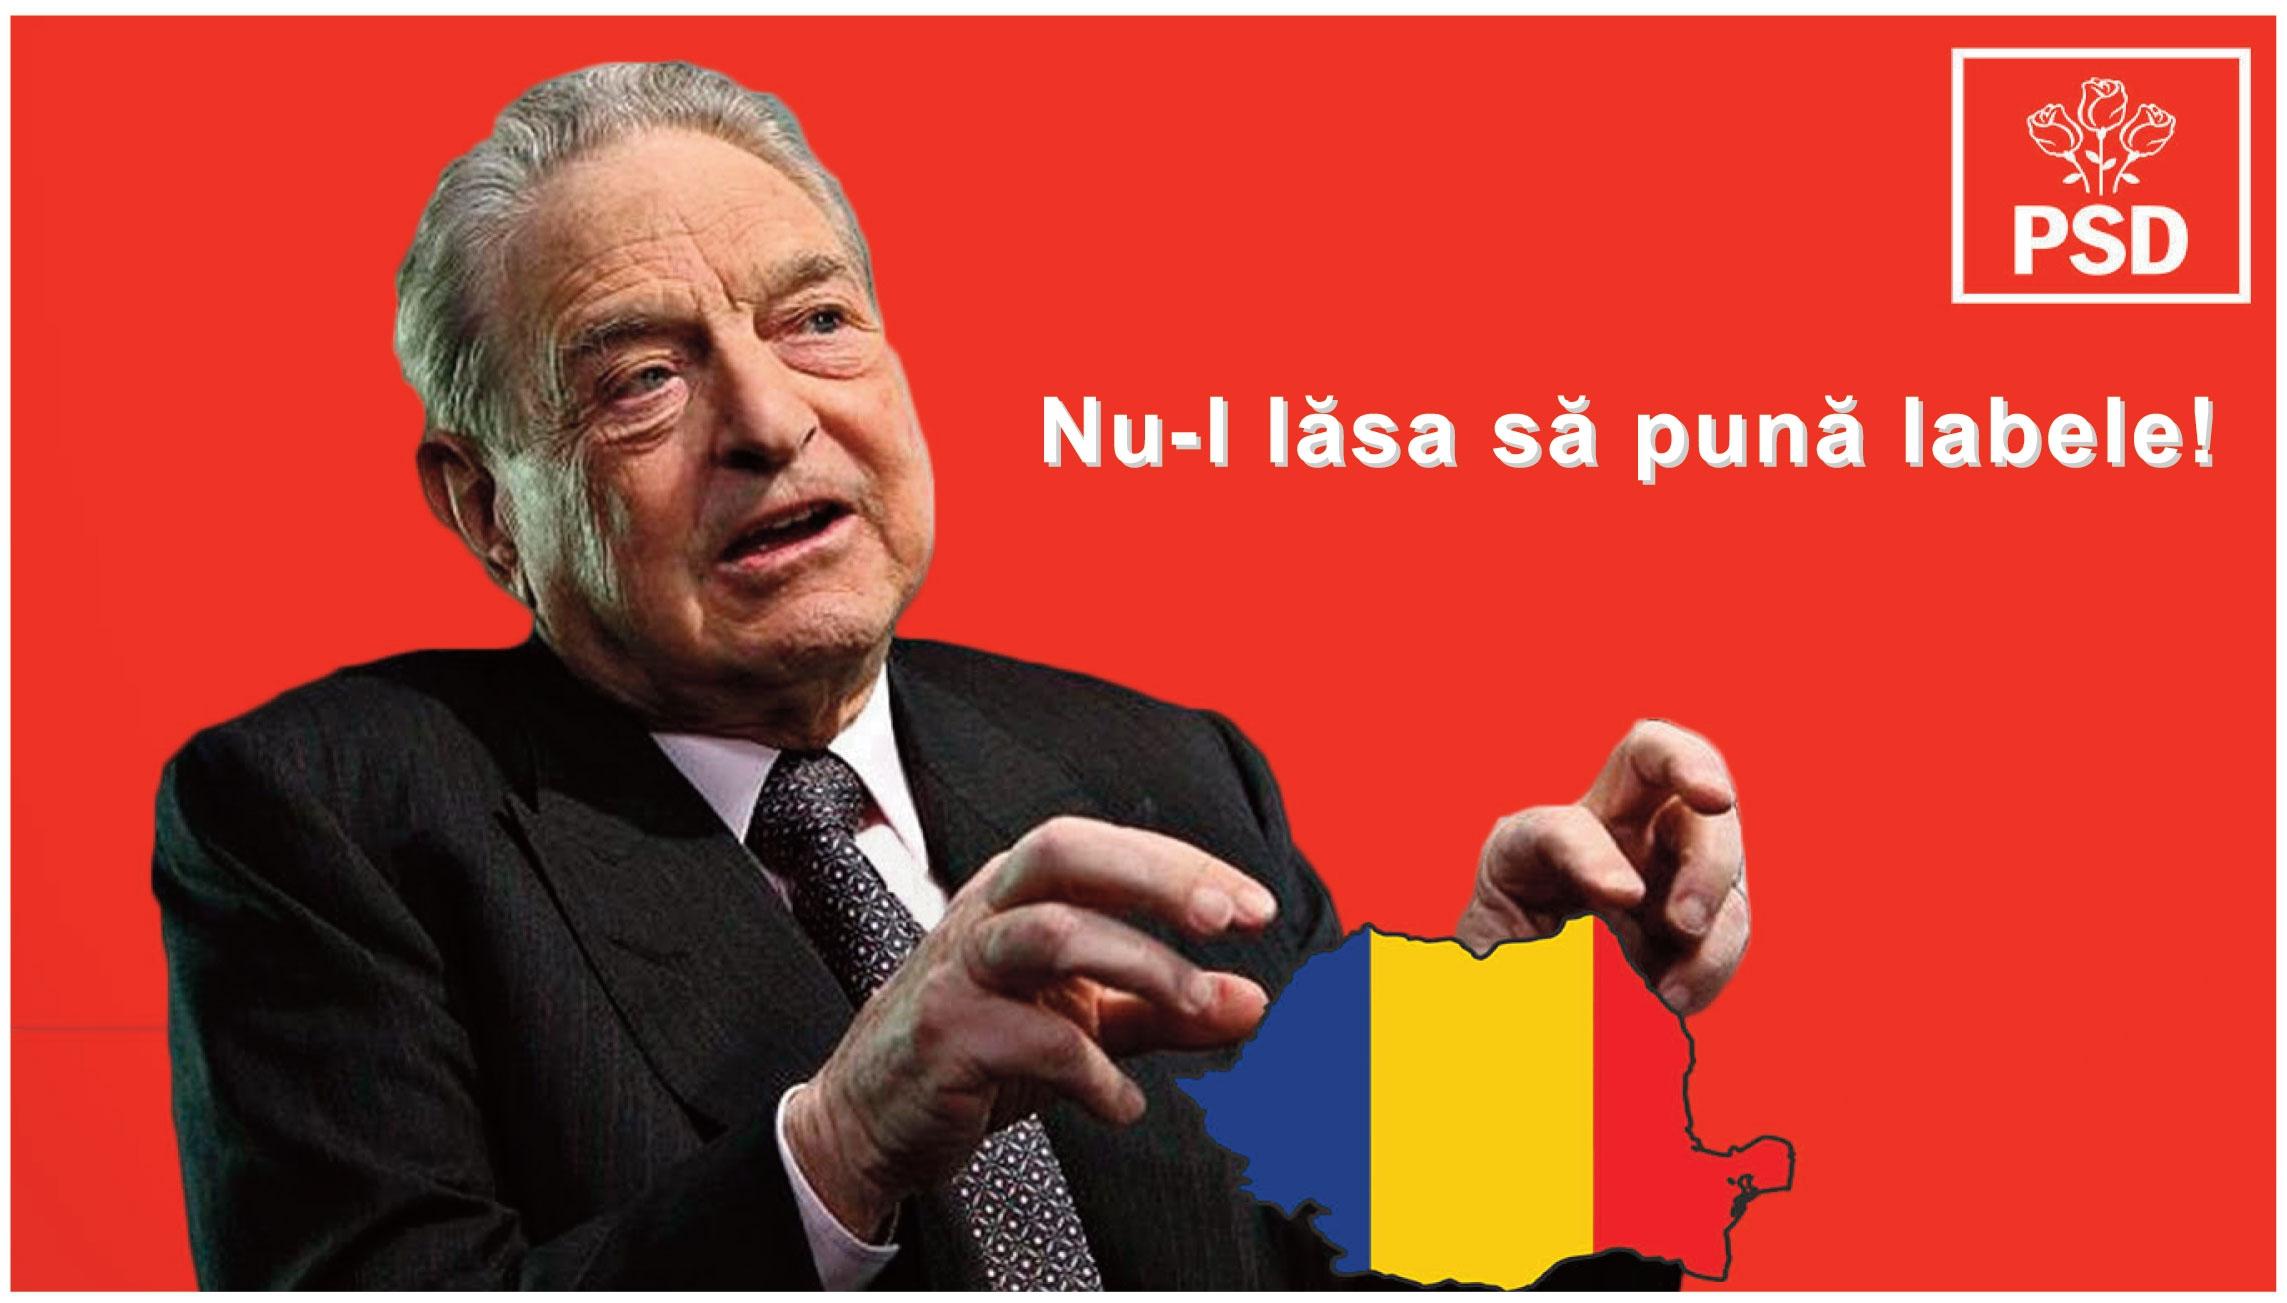 După modelul Orban, PSD a pregătit în secret afişe anti-Soros. Vezi cum arată